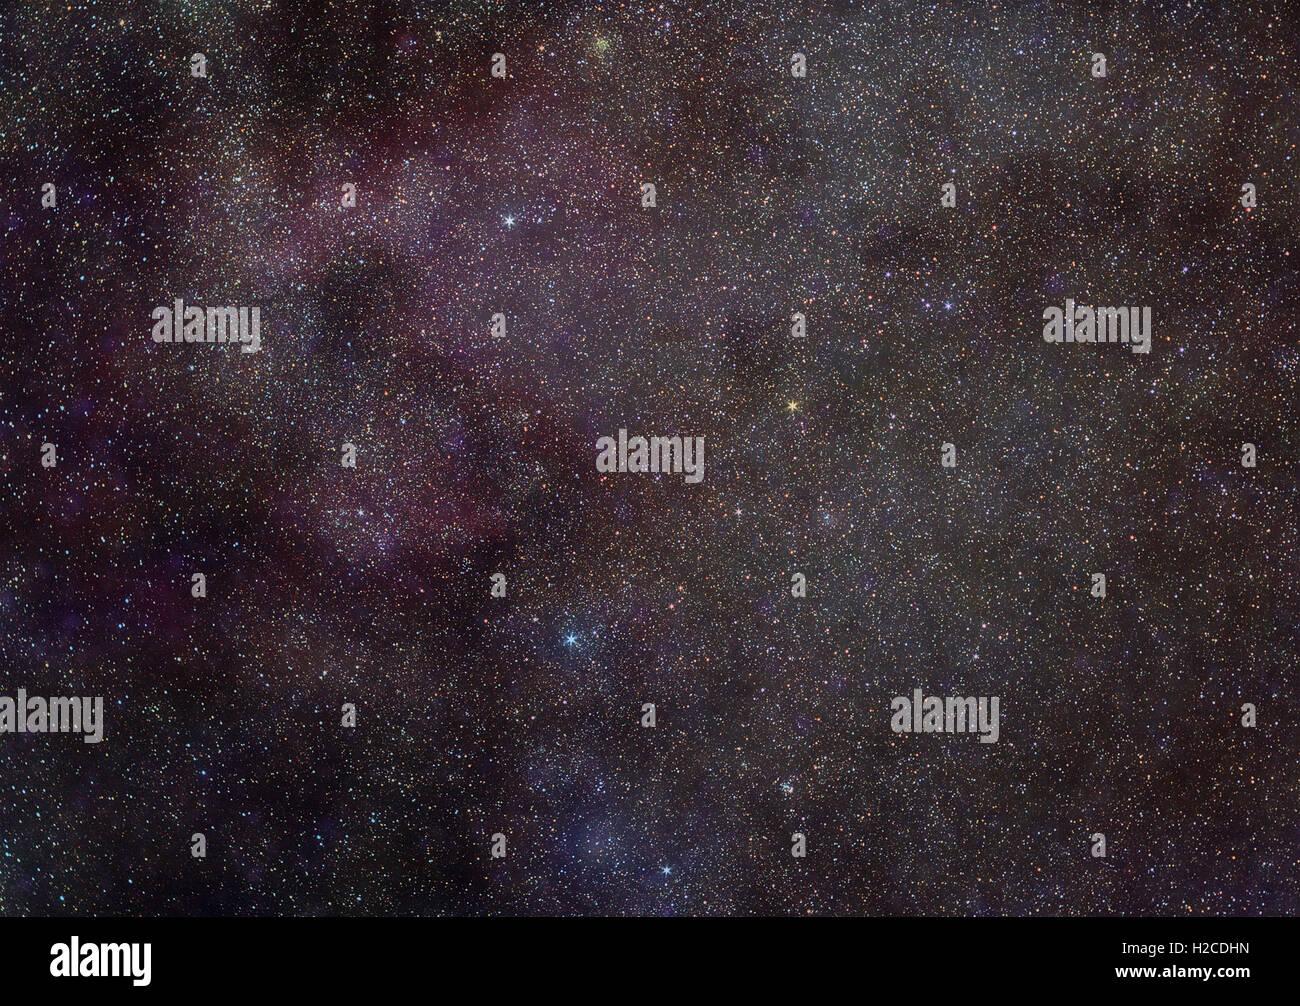 Astronomía Espacio universo foto: patrón de las estrellas de la constelación de Cassiopea con Vía Imagen De Stock